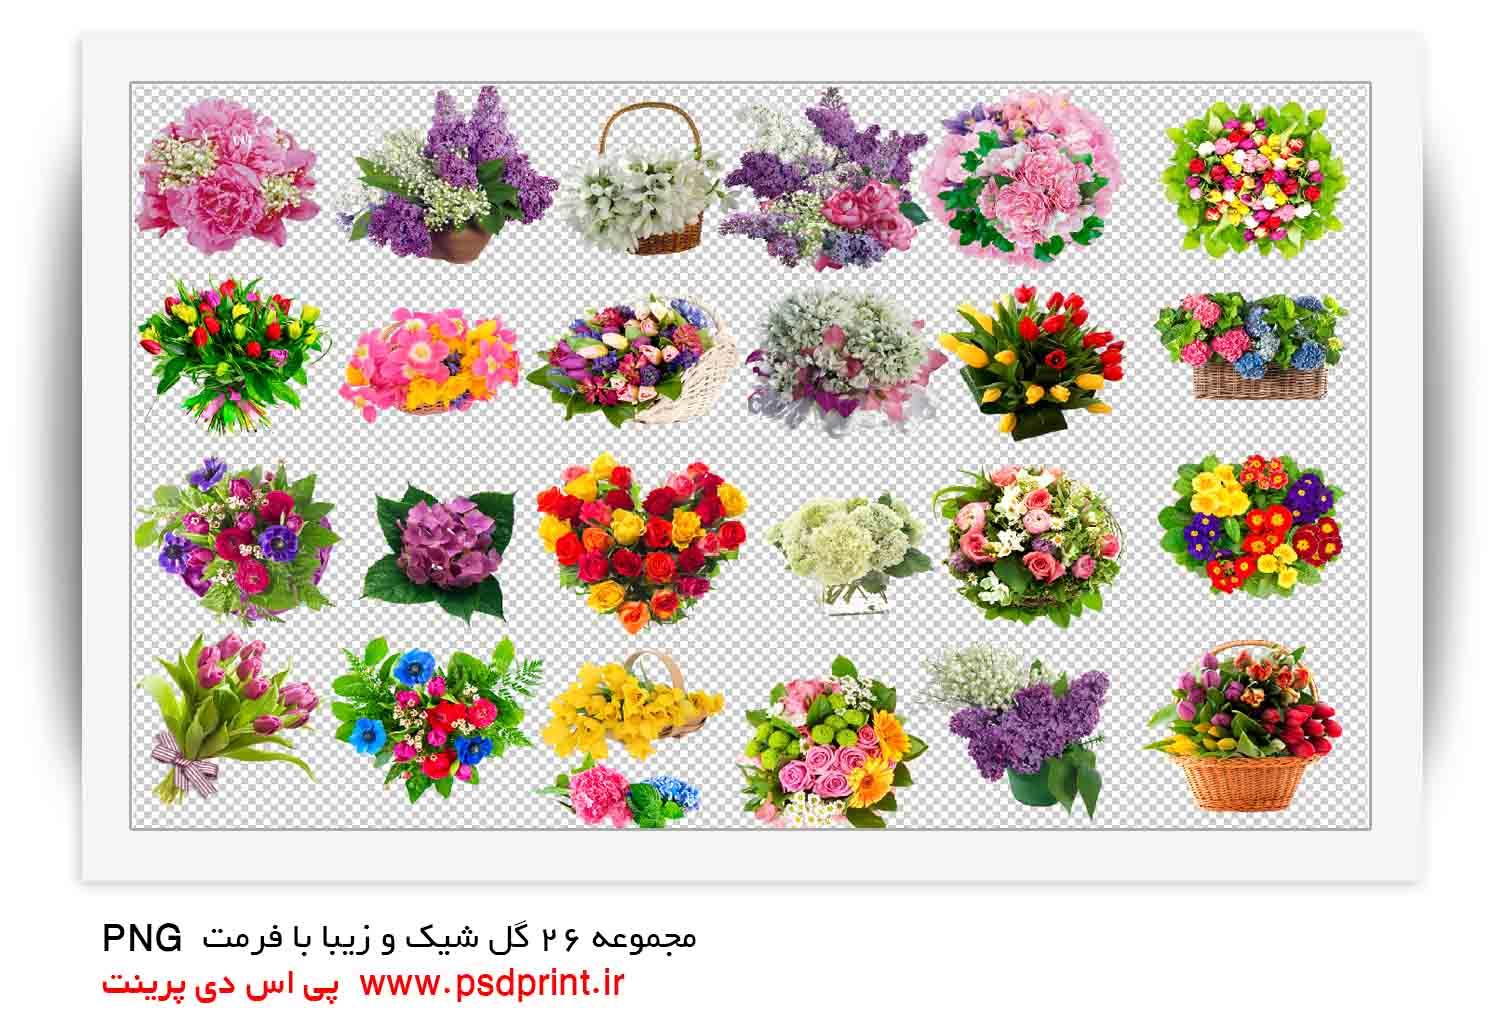 گل png بدون زمینه